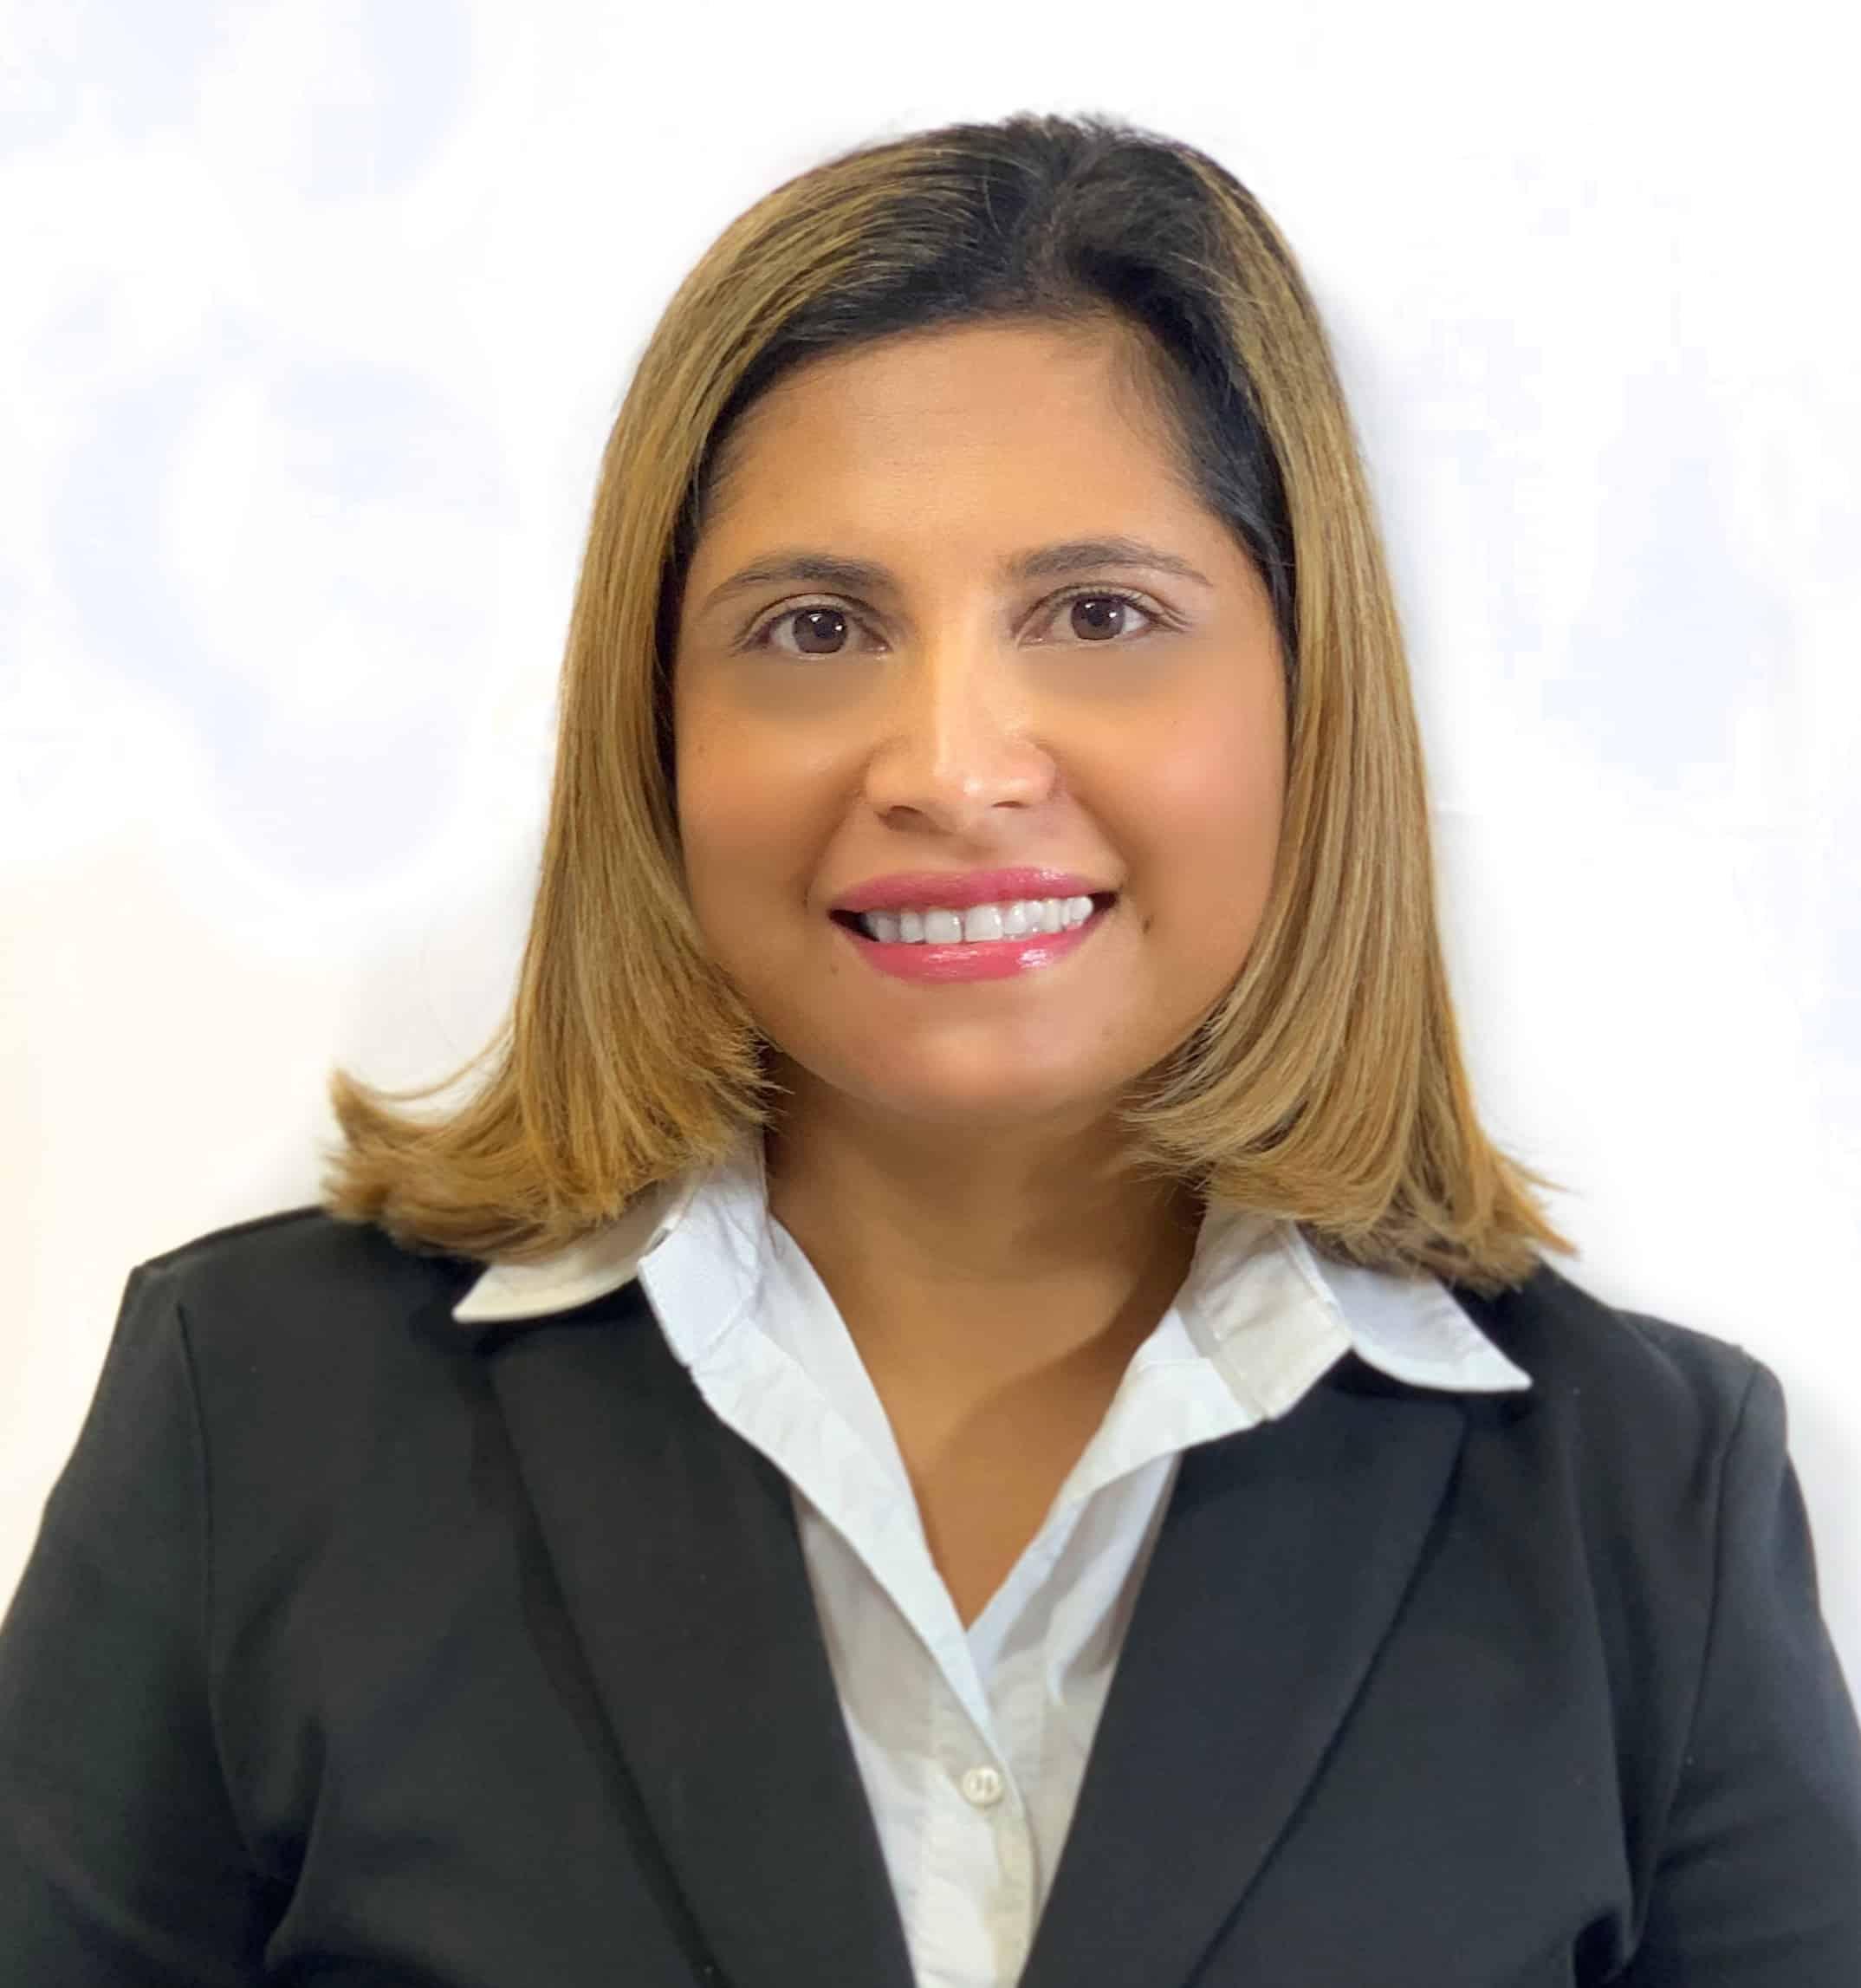 Karina Baum